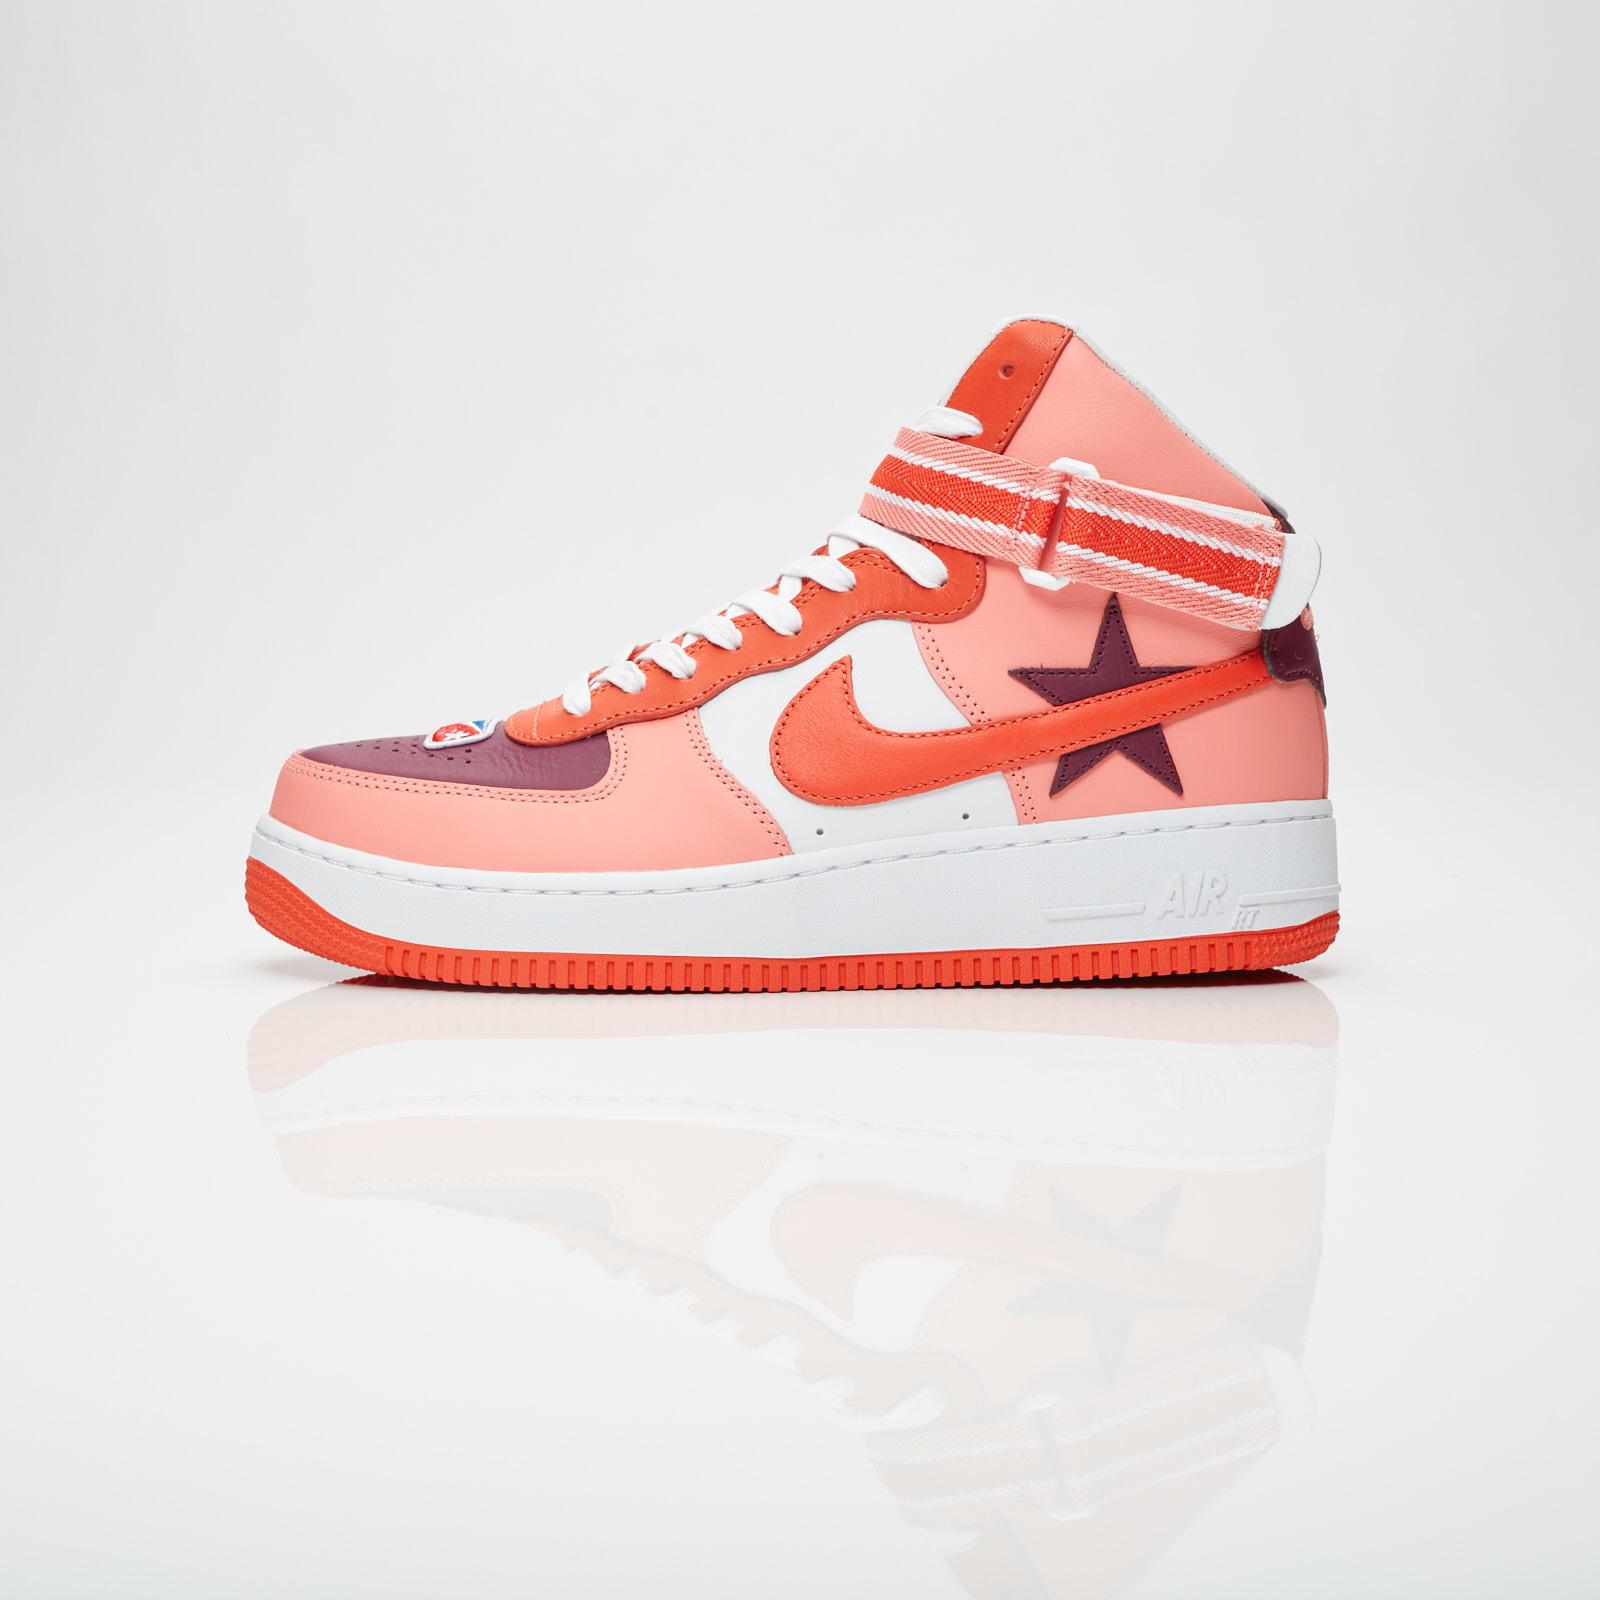 Nike Air Force 1 Hi x Riccardo Tisci Aq3366 601